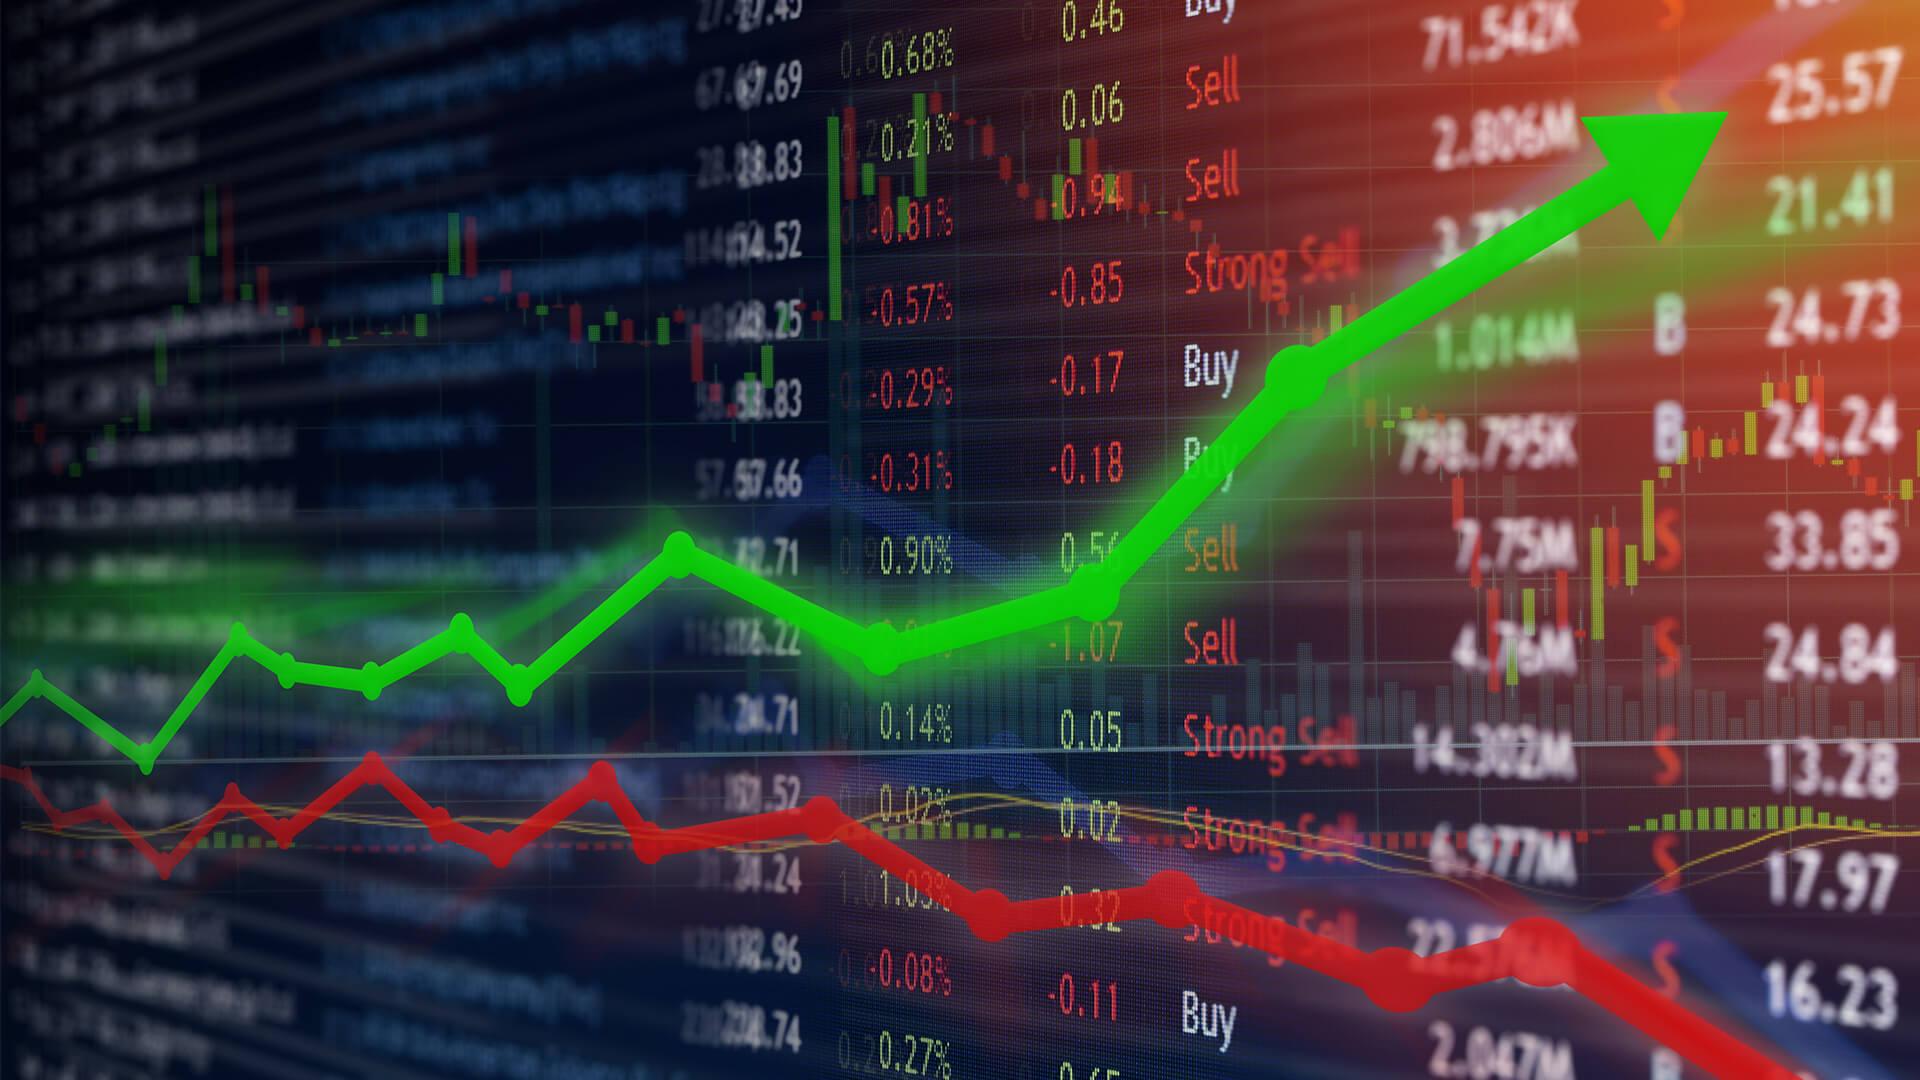 بازار بورس چیست؟ و چگونه می توانیم در آن سرمایه گذاری کنیم ؟